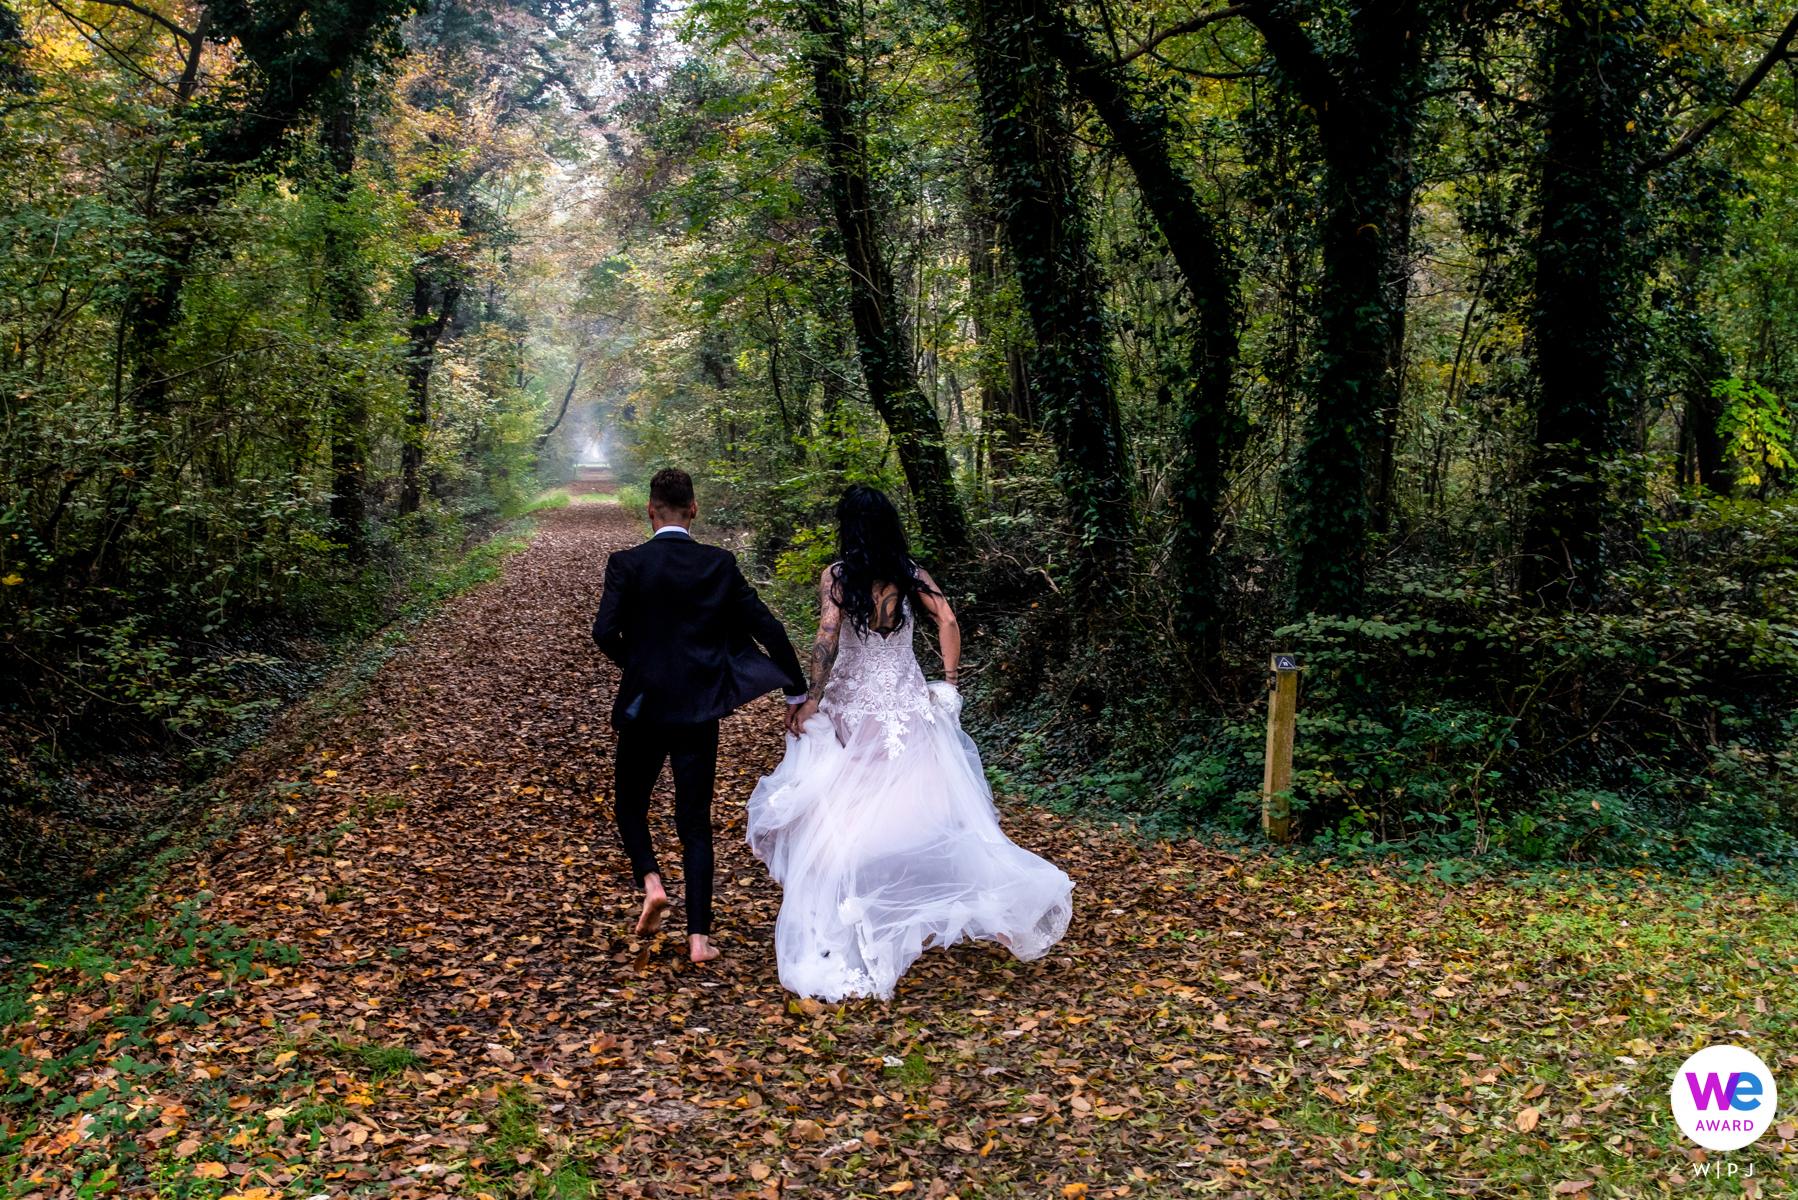 Hochzeitsfoto von Agriturismo Corte Barco | Hand in Hand laufen sie barfuß zum Lichtpunkt am Ende eines langen Korridors, der von Bäumen gebildet wird